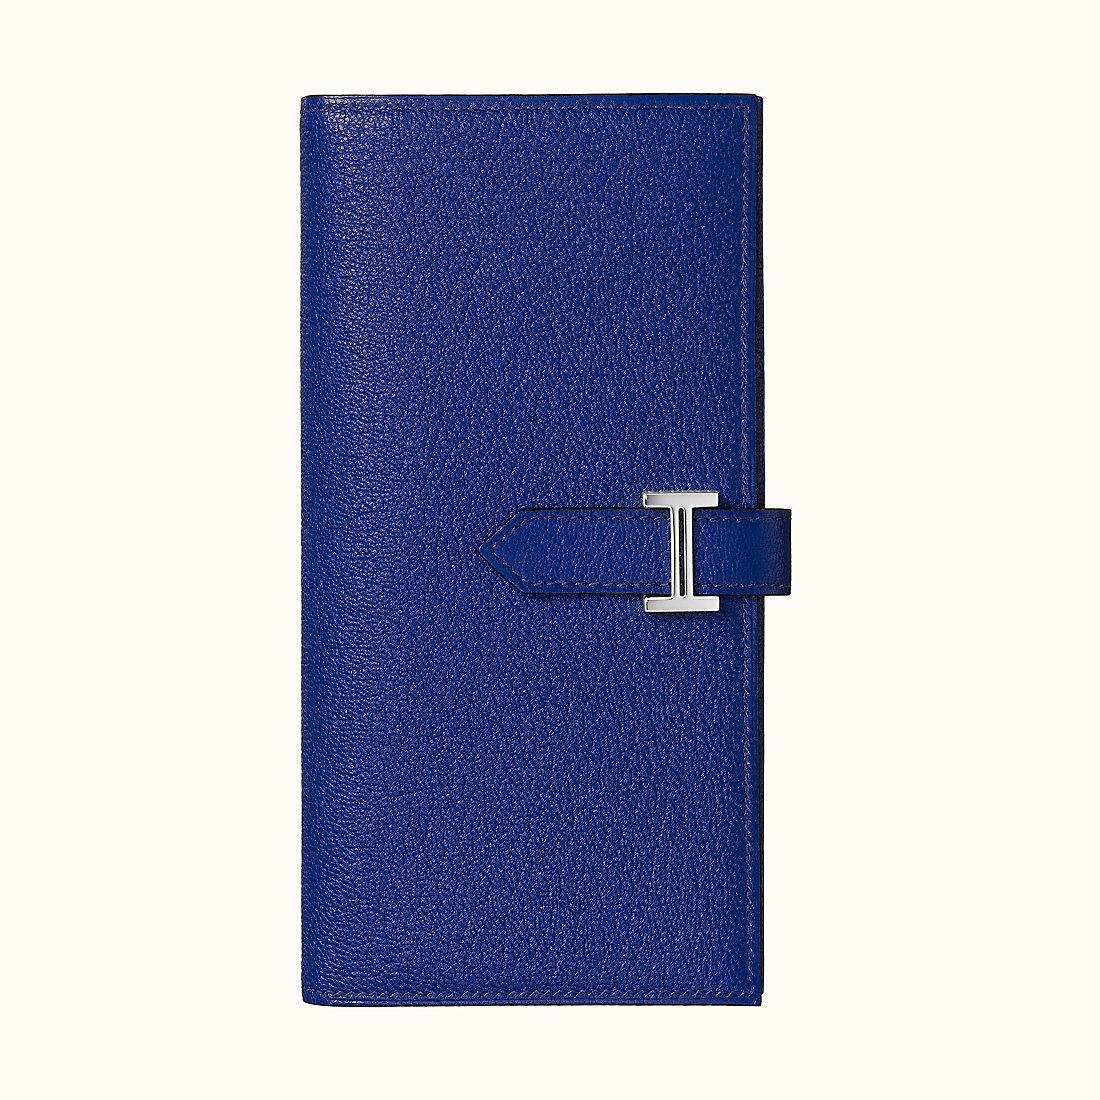 臺灣臺南市 Hermes Bearn wallet CKM3 Bleu Encre 墨水藍山羊皮